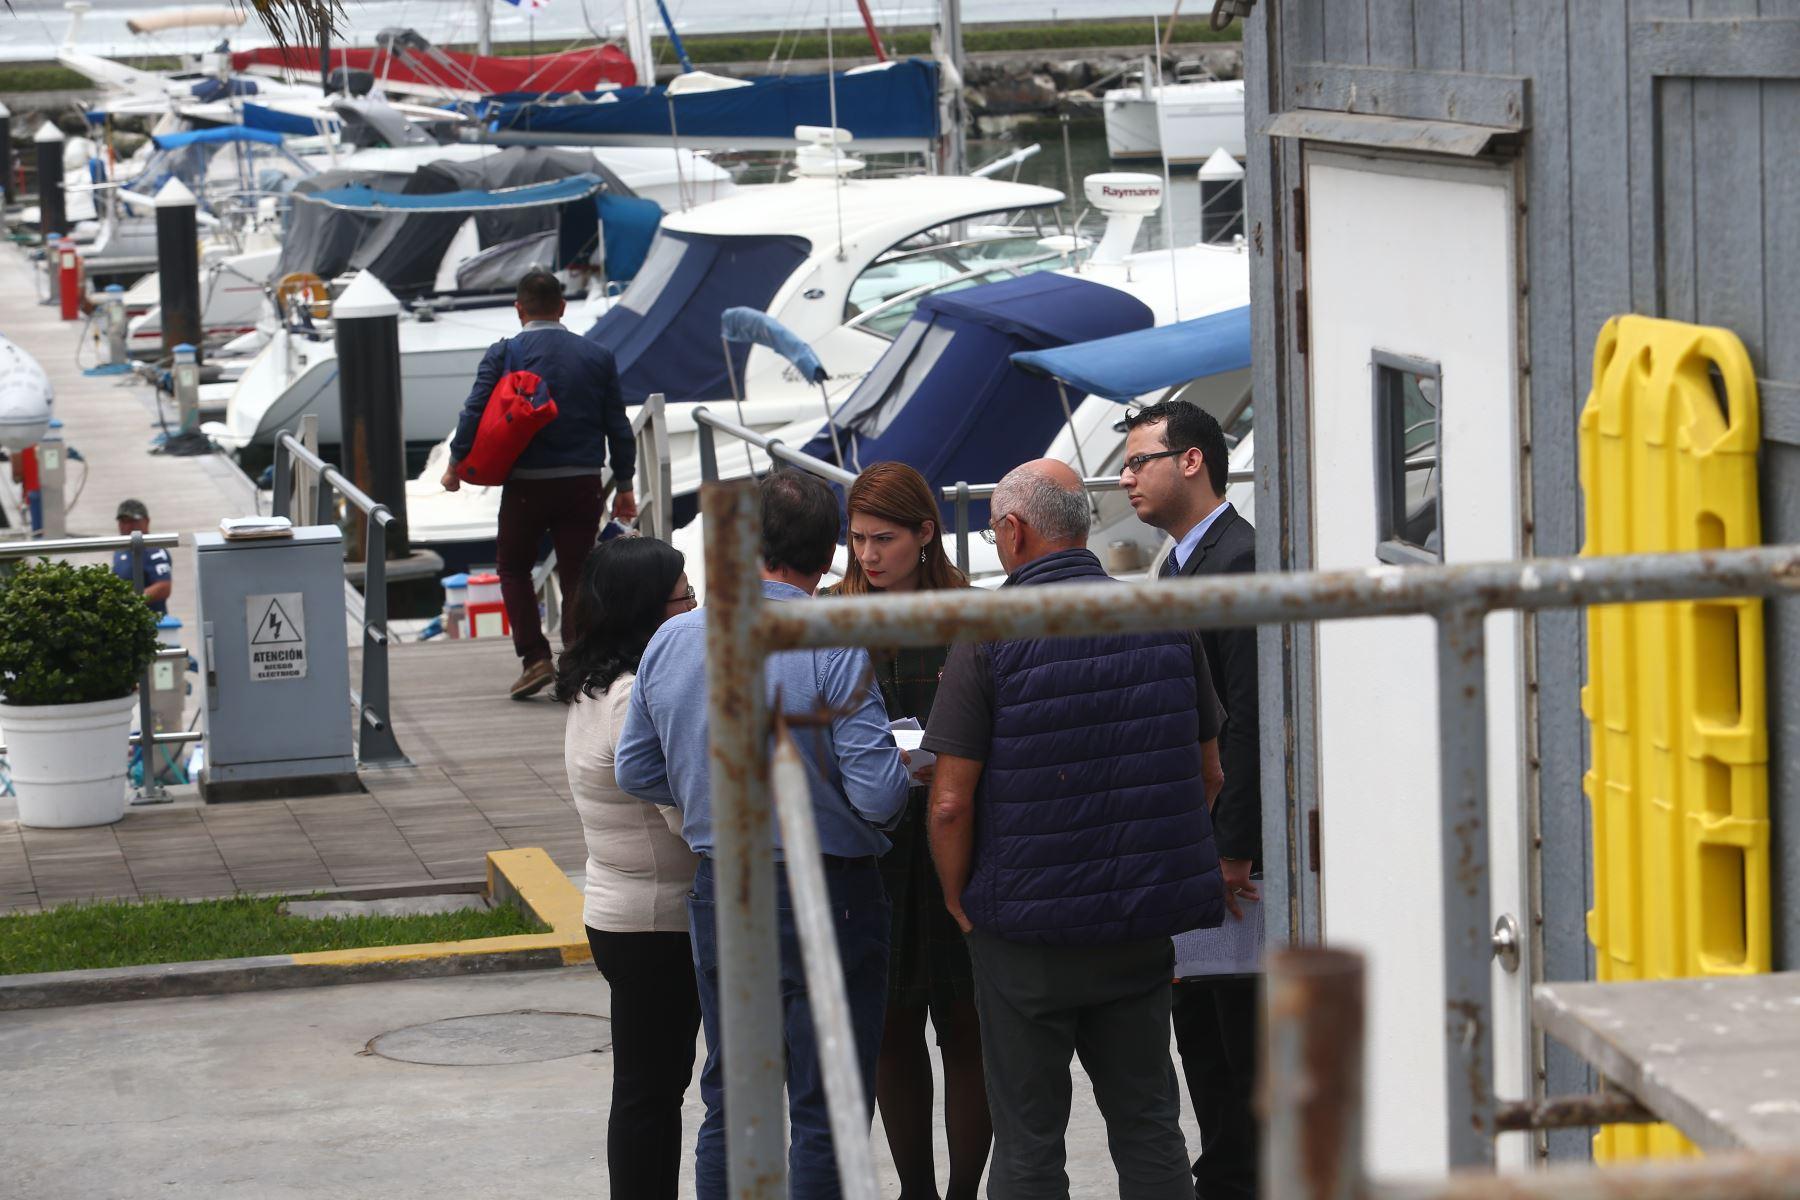 Miembros del despacho del fiscal José Domingo Pérez y de la División de Investigación de Delitos de Alta Complejidad (Diviac) realizan diligencias de inspección en el embarcadero de Alan García en el Lima Marina Club, ubicado en la Costa Verde, distrito de Chorrillos. Foto: ANDINA/ Héctor Vinces